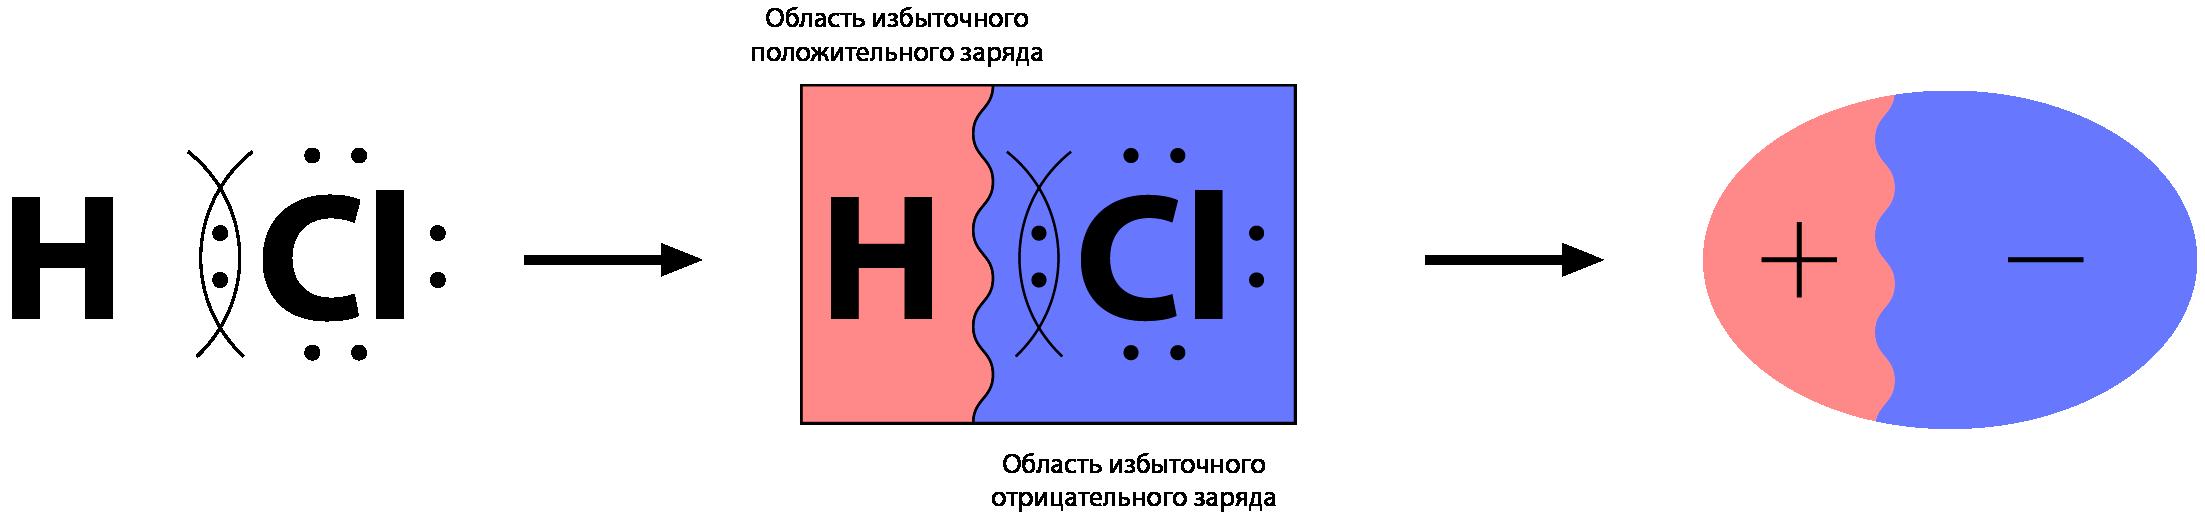 Общая электронная пара в молекуле сложного вещества смещена к одному из атомов